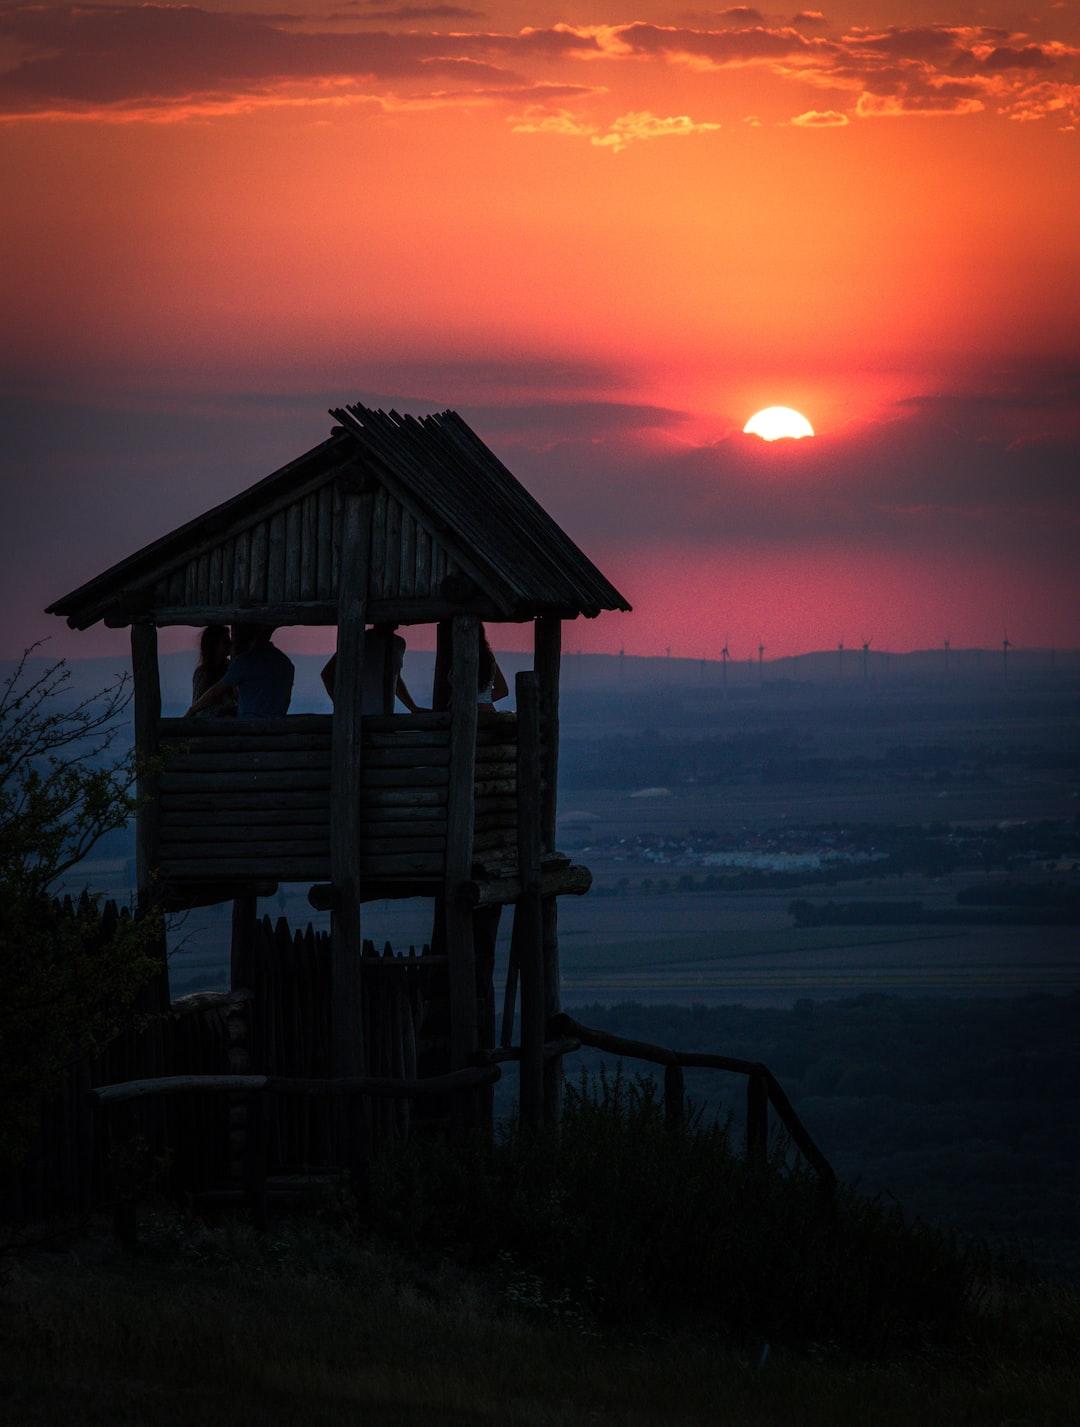 This wonderful sunset was taken at Austria, Hainburg an der Donau